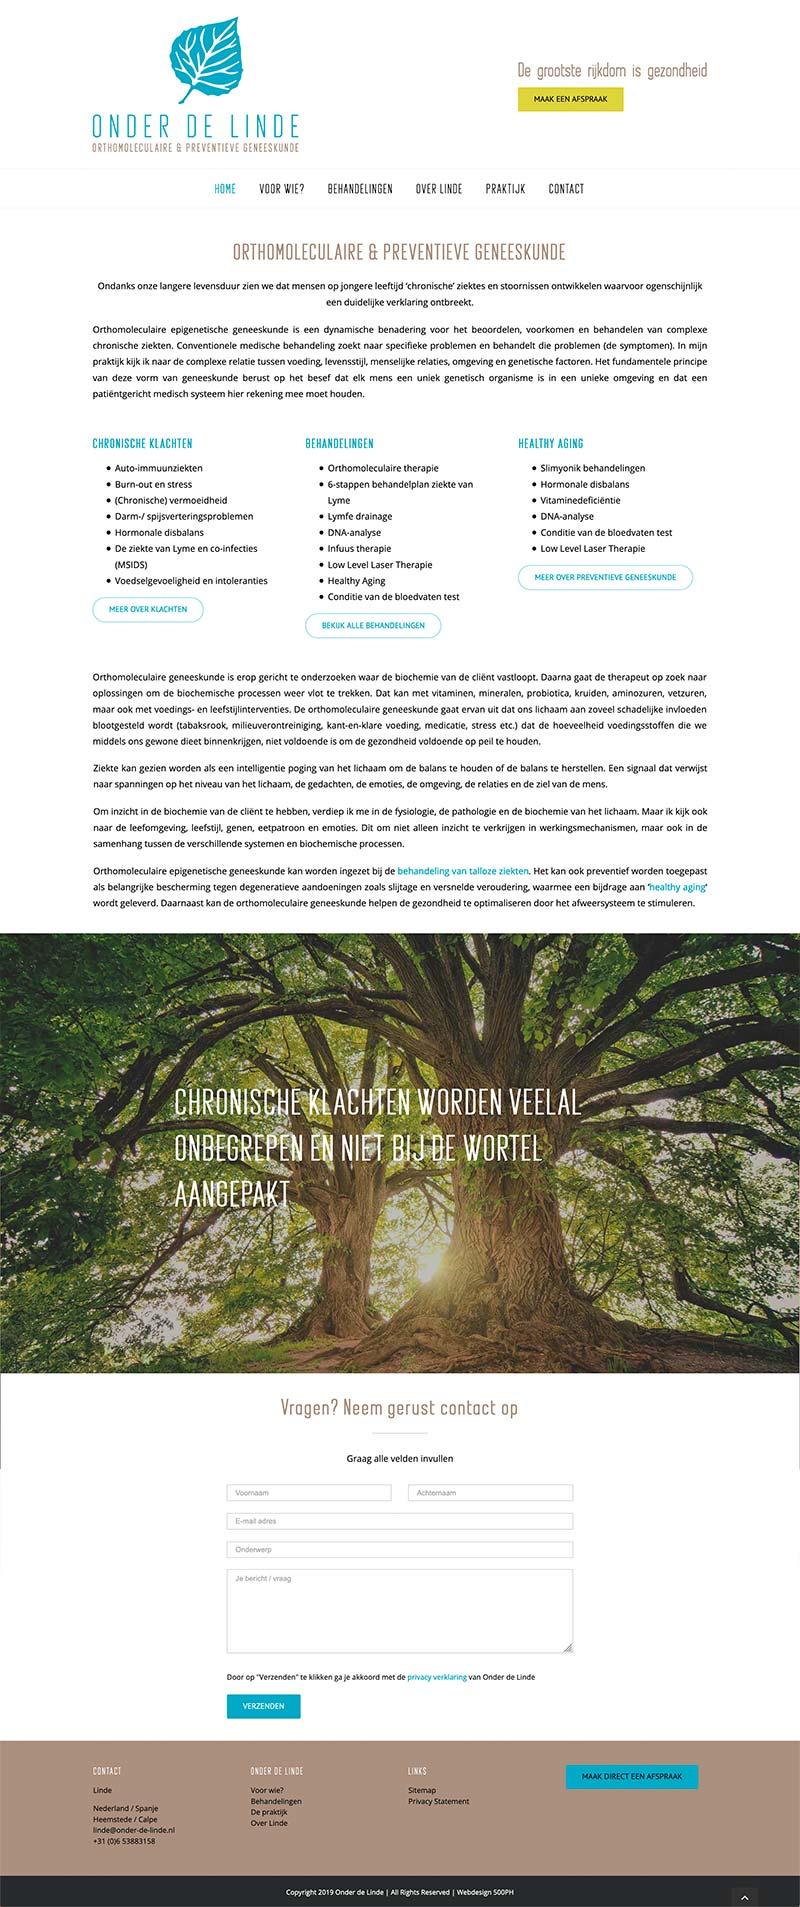 Onder de Linde - website